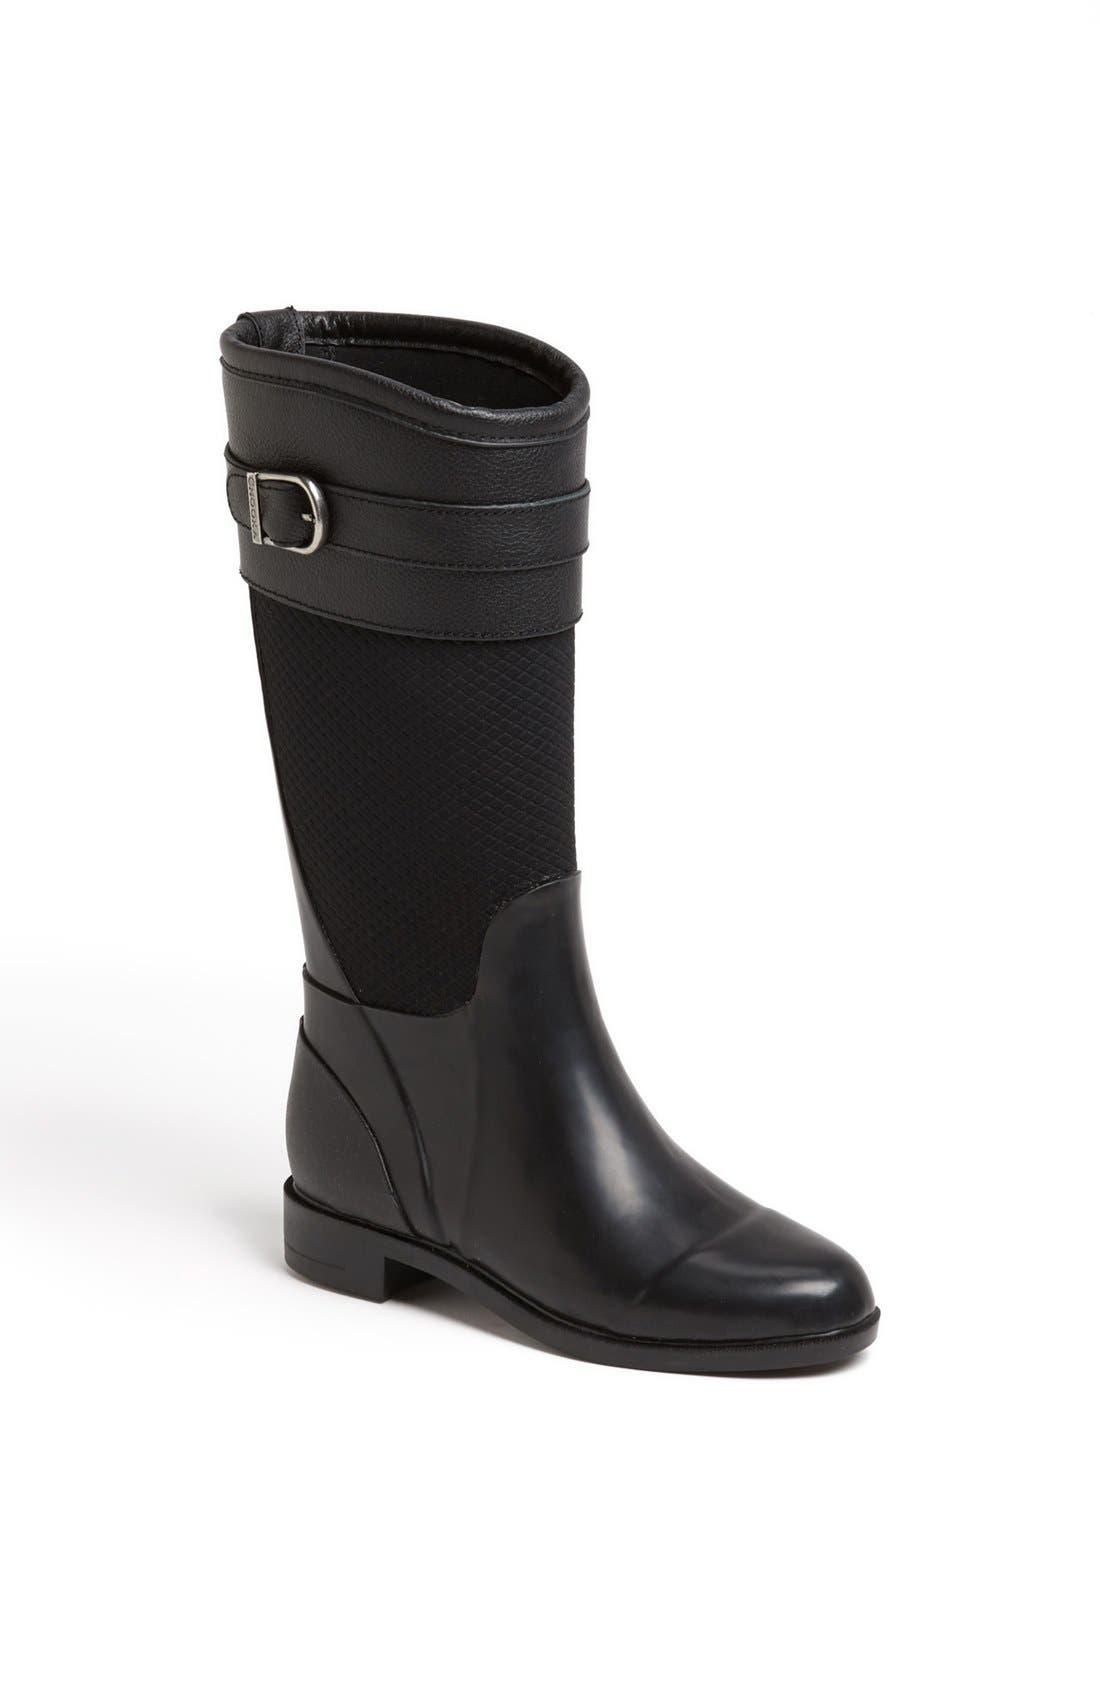 Alternate Image 1 Selected - Chooka 'Bolero' Waterproof Rain Boot (Women)